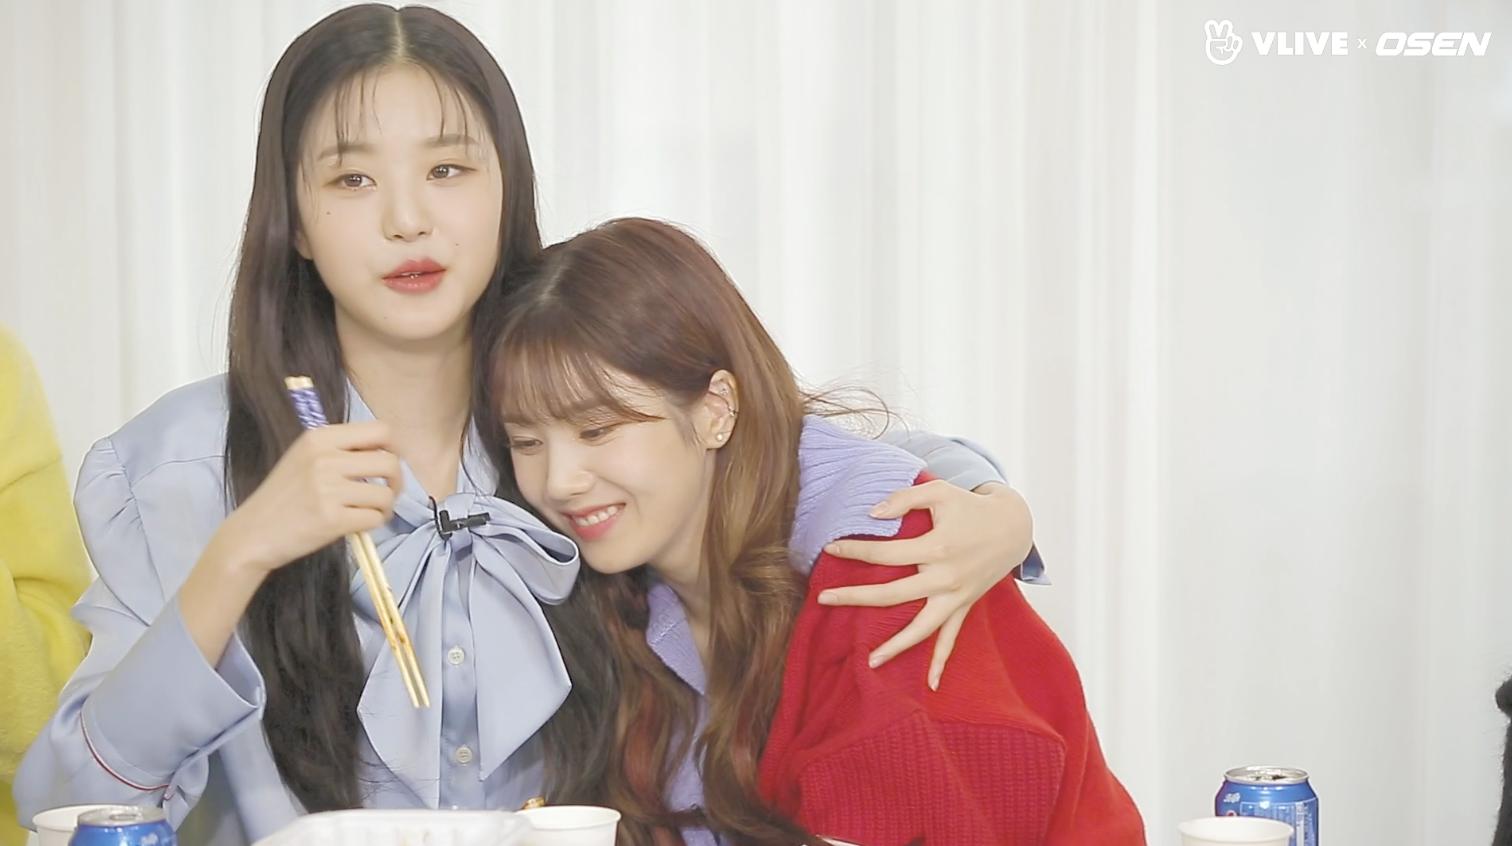 IZ*ONE 아이즈원, 마지막까지 훈훈+러블리한 멤버들 #스타로드 24